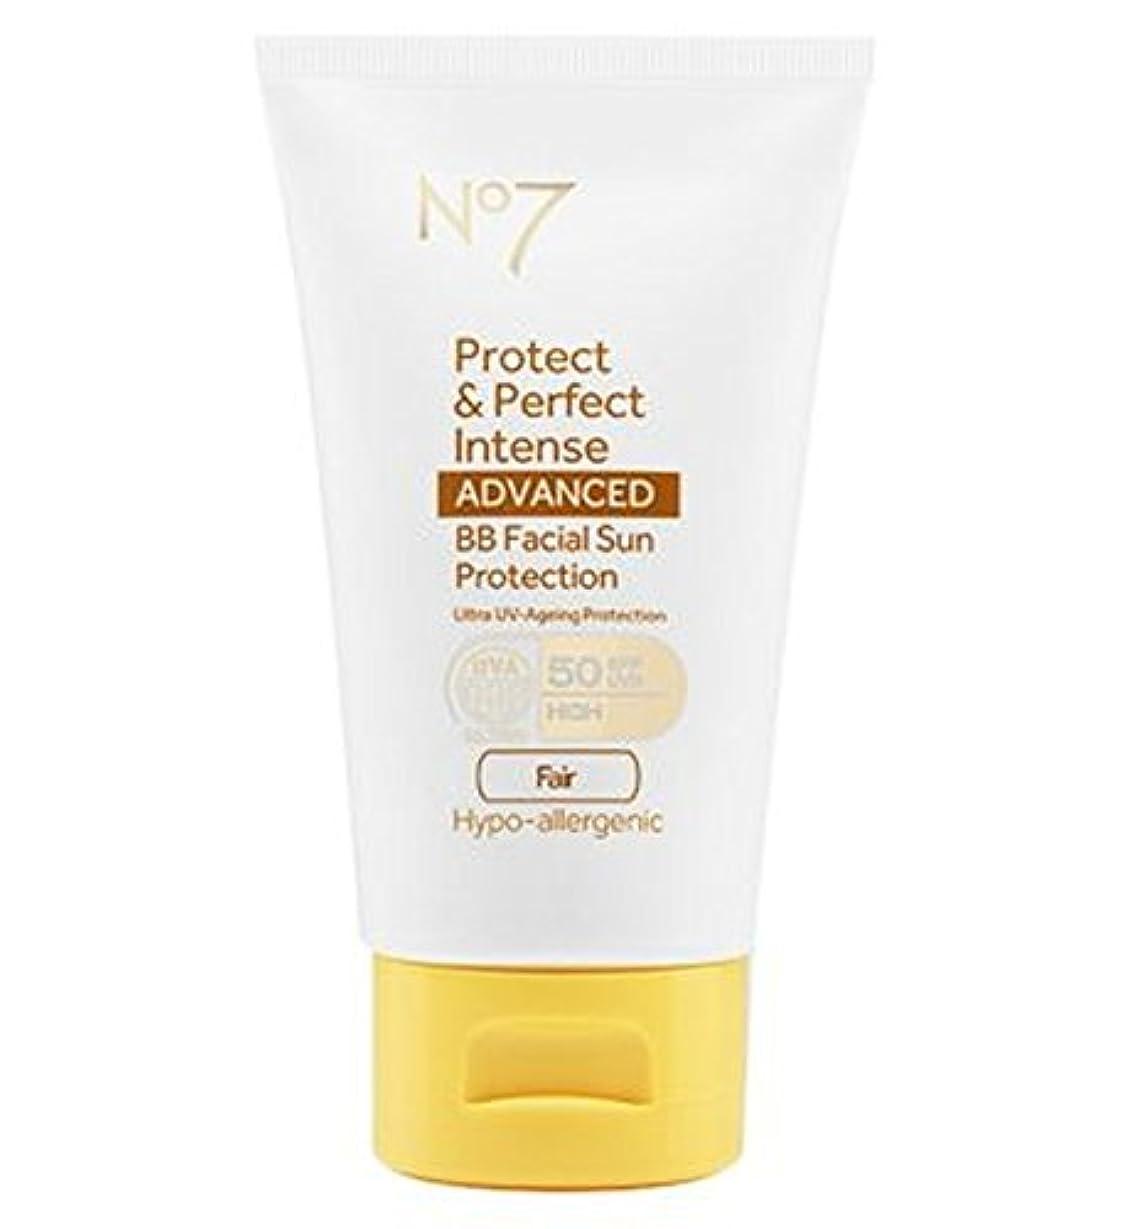 木製フェローシップ輪郭No7 Protect & Perfect Intense ADVANCED BB Facial Sun Protection SPF50 Fair 50ml - No7保護&完璧な強烈な先進Bb顔の日焼け防止Spf50...